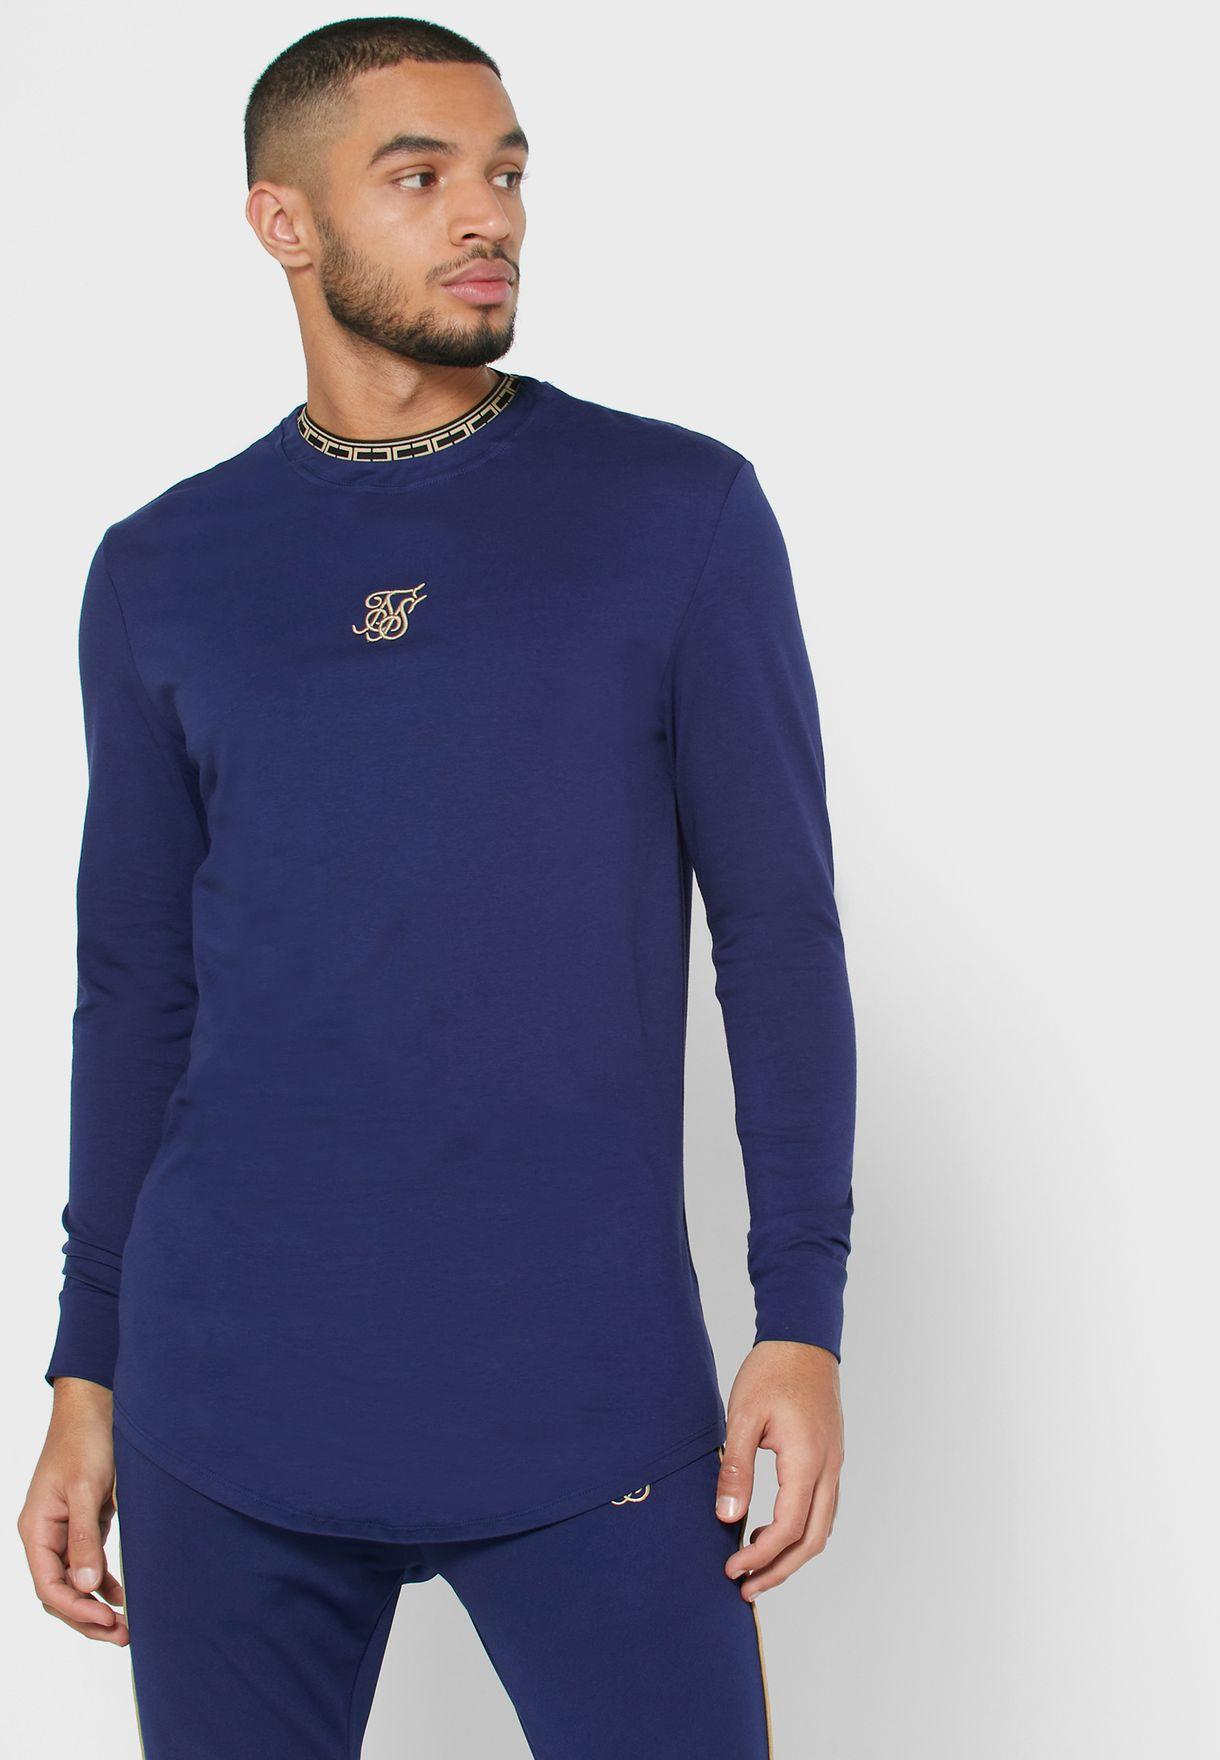 Taped Collar Gym T-Shirt